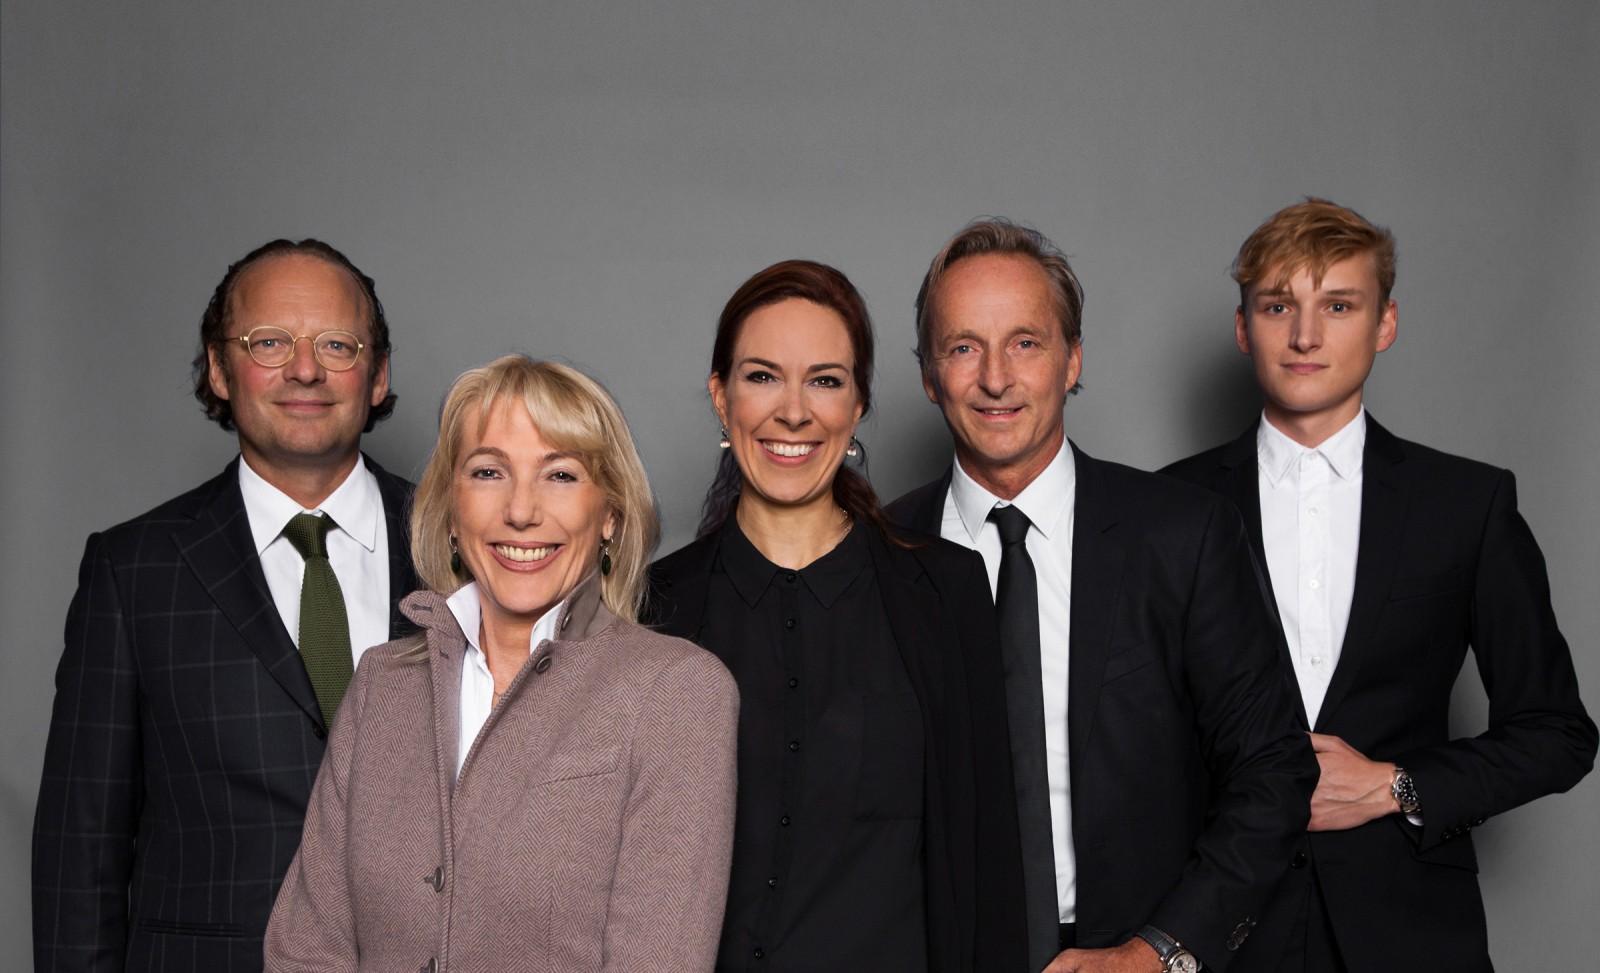 Moritz von Laffert, Waltraut von Mengden, Anina Veigel, Loek Oprinsen und Alexander Laible